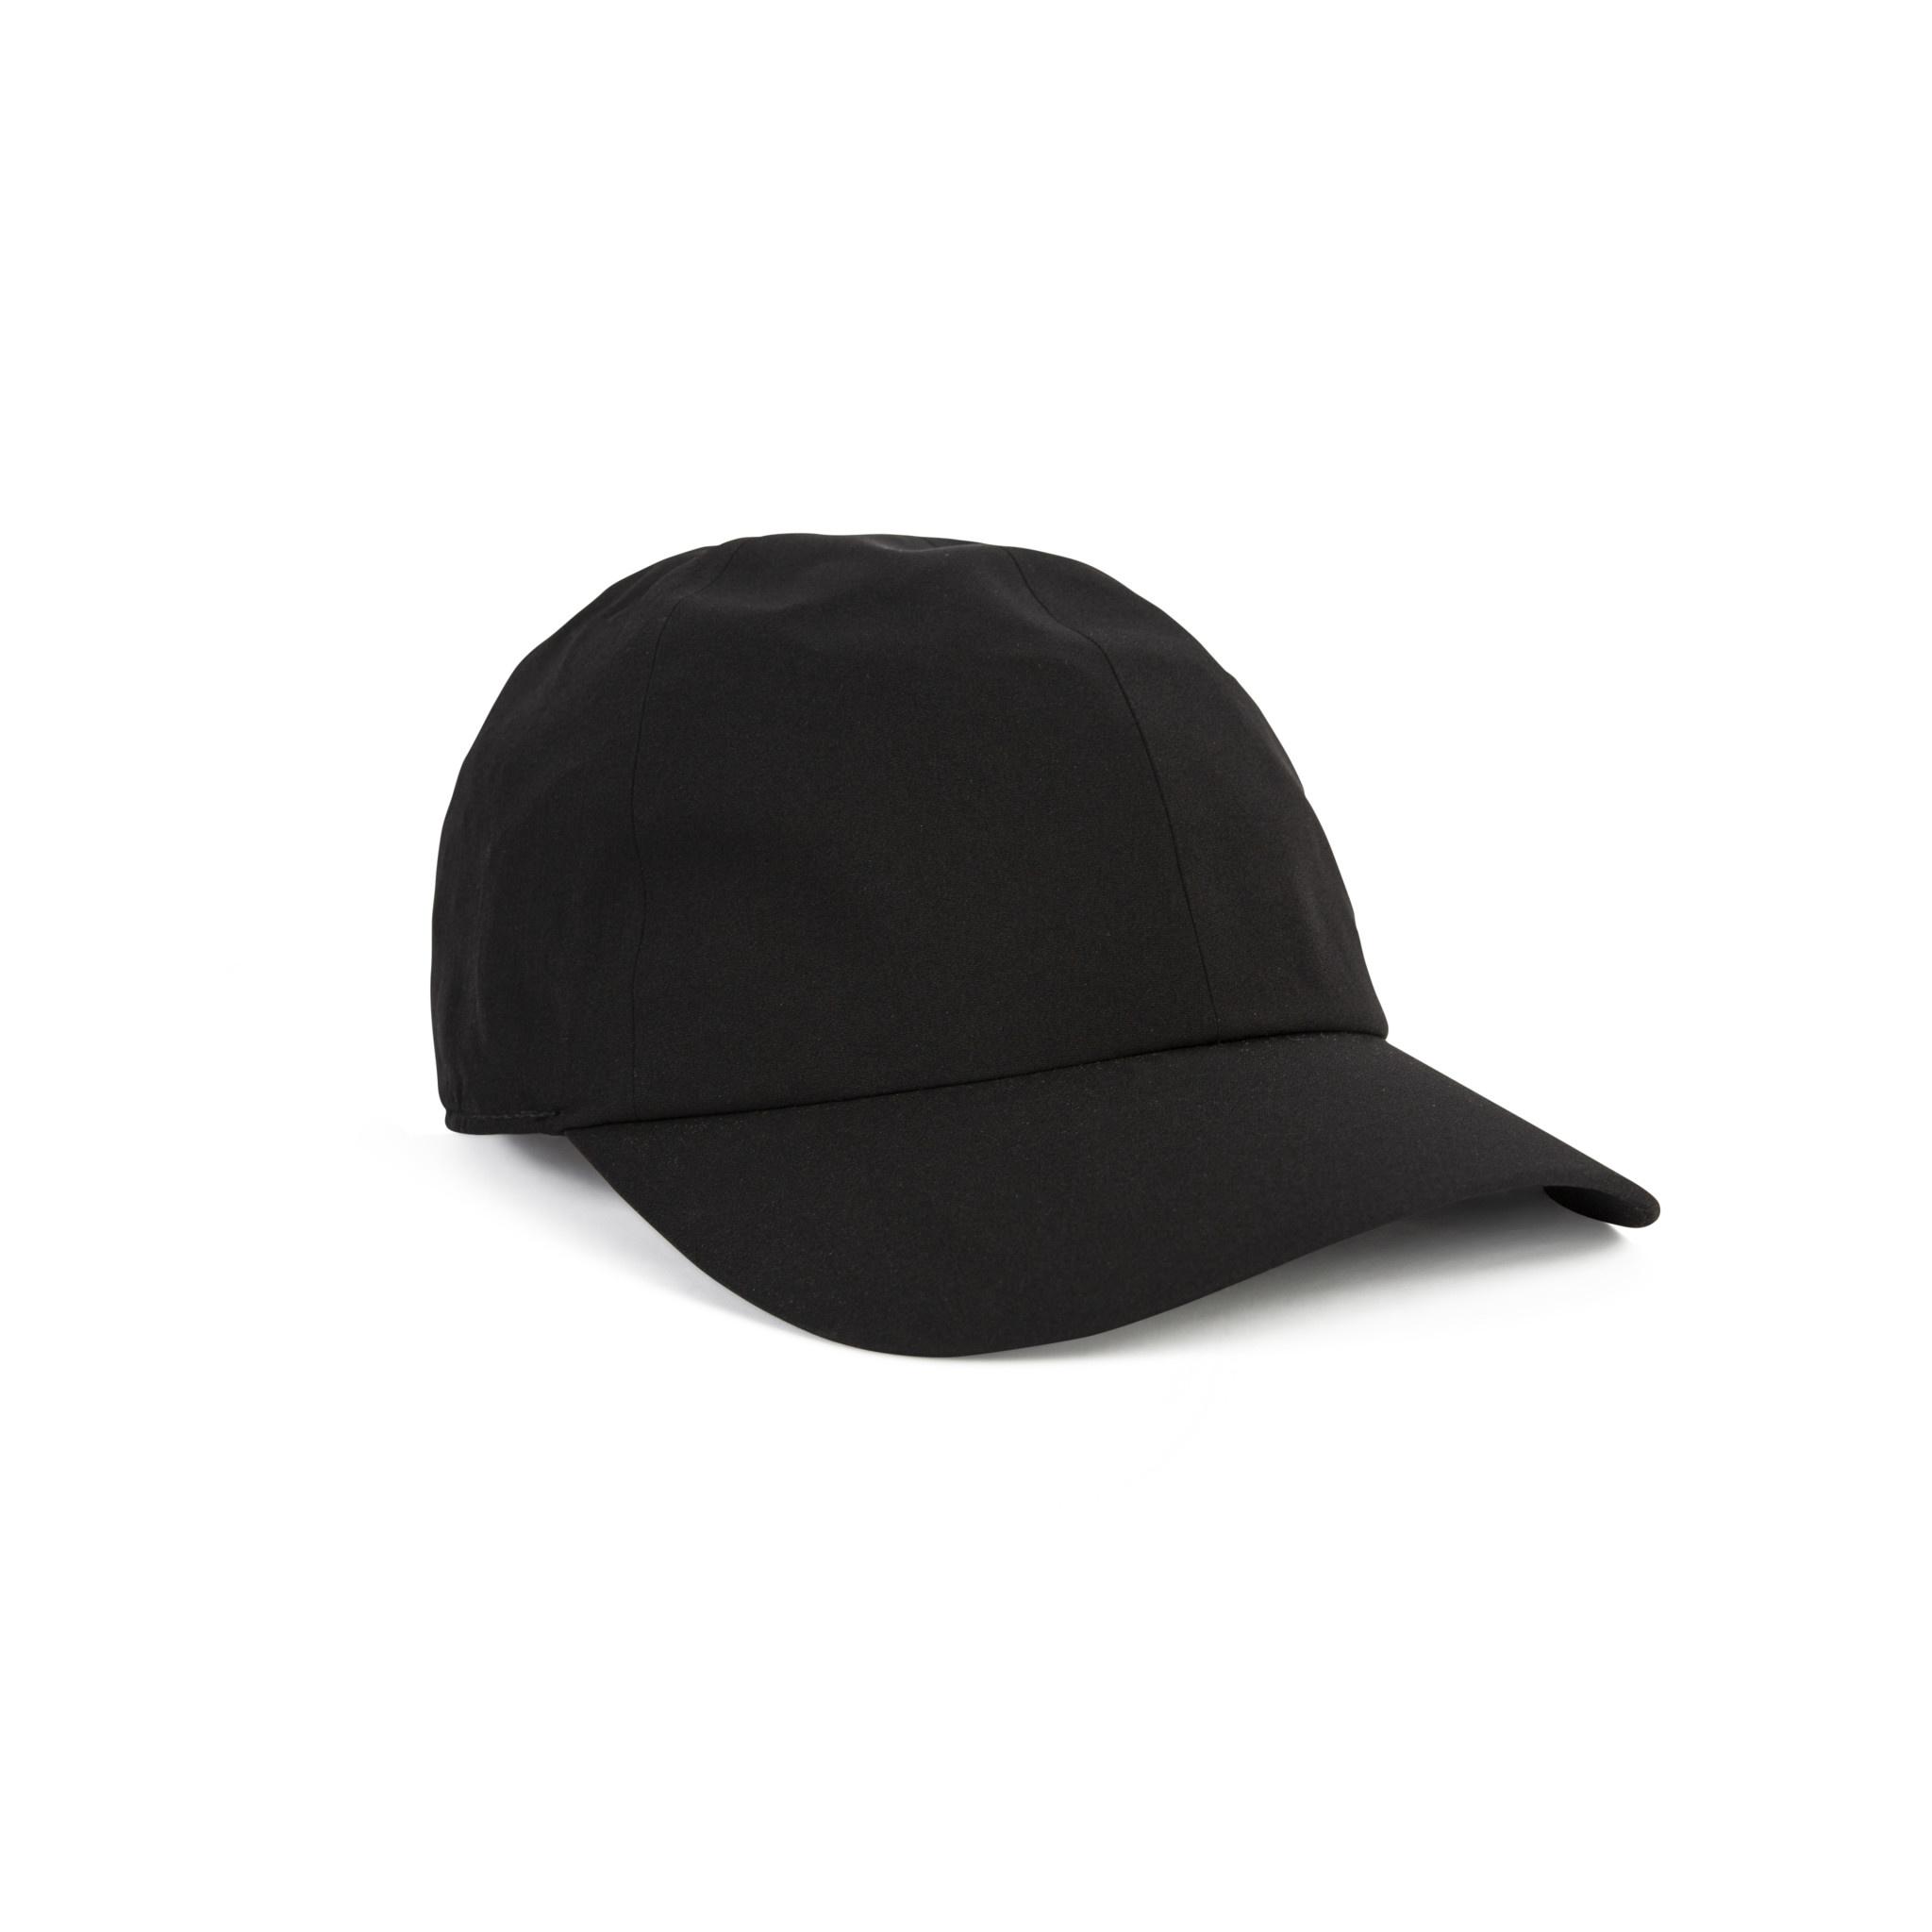 Topo Designs Topo Designs Tech Cap - Black